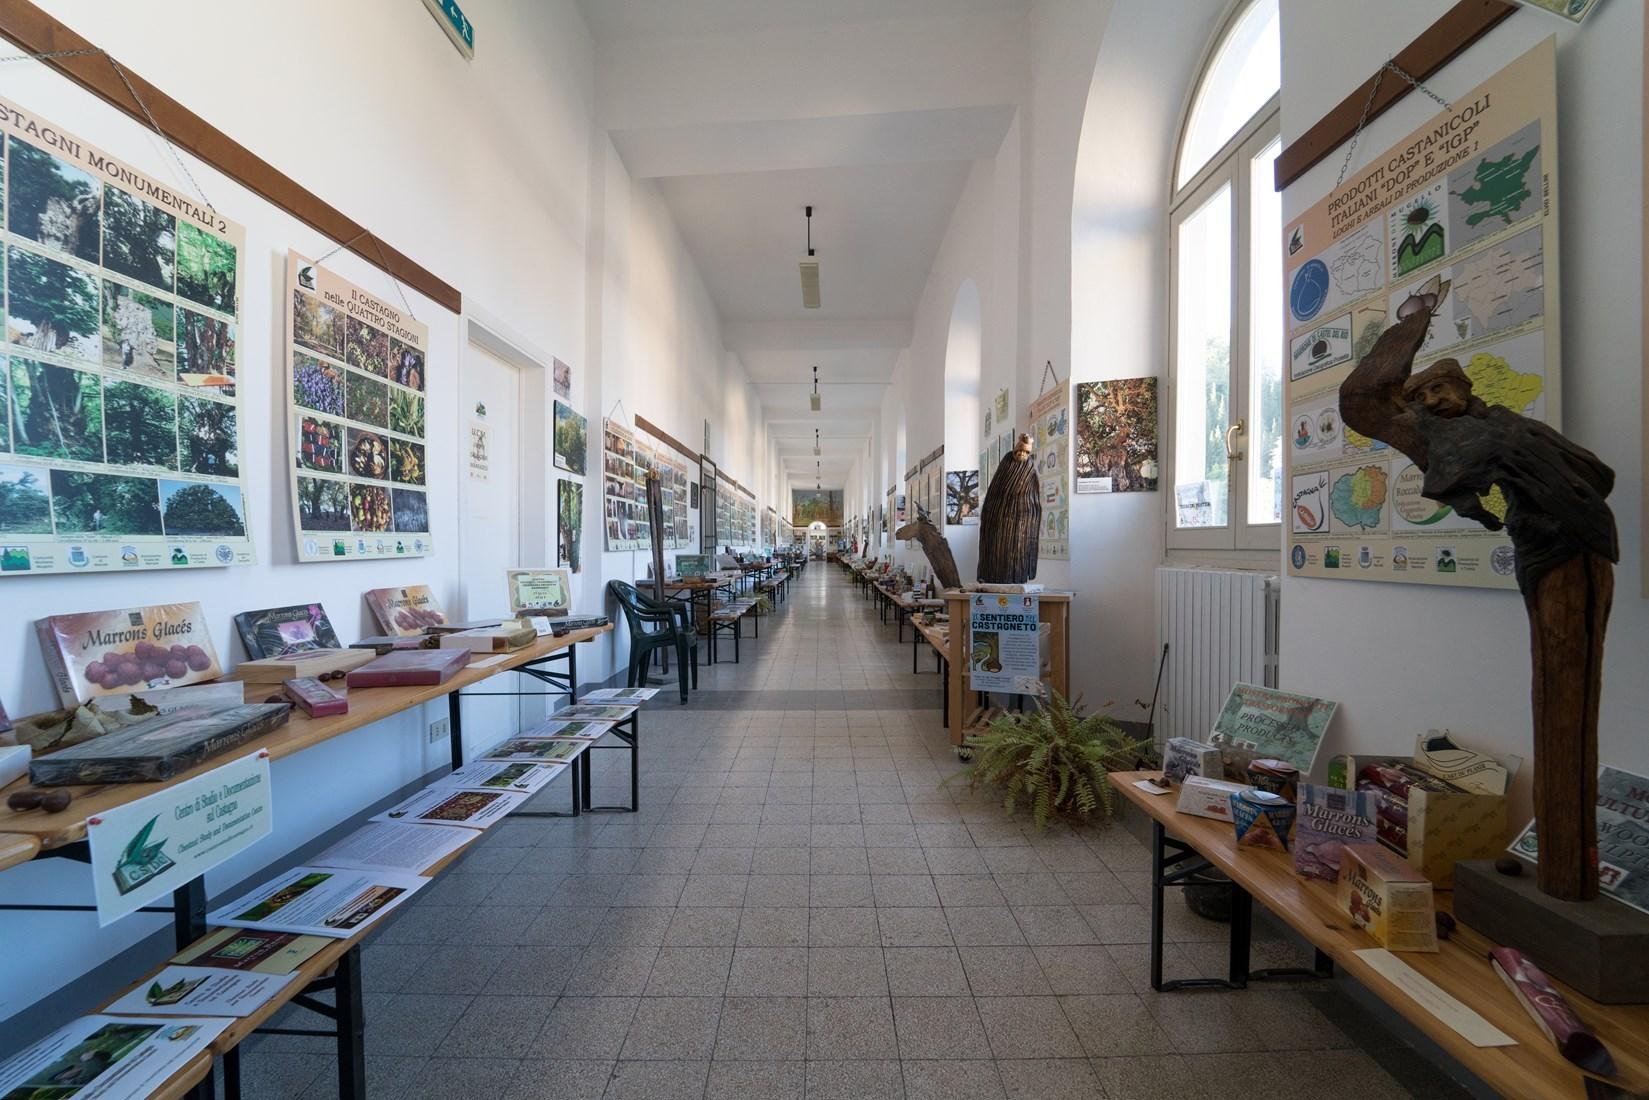 Centro studi del Castagno